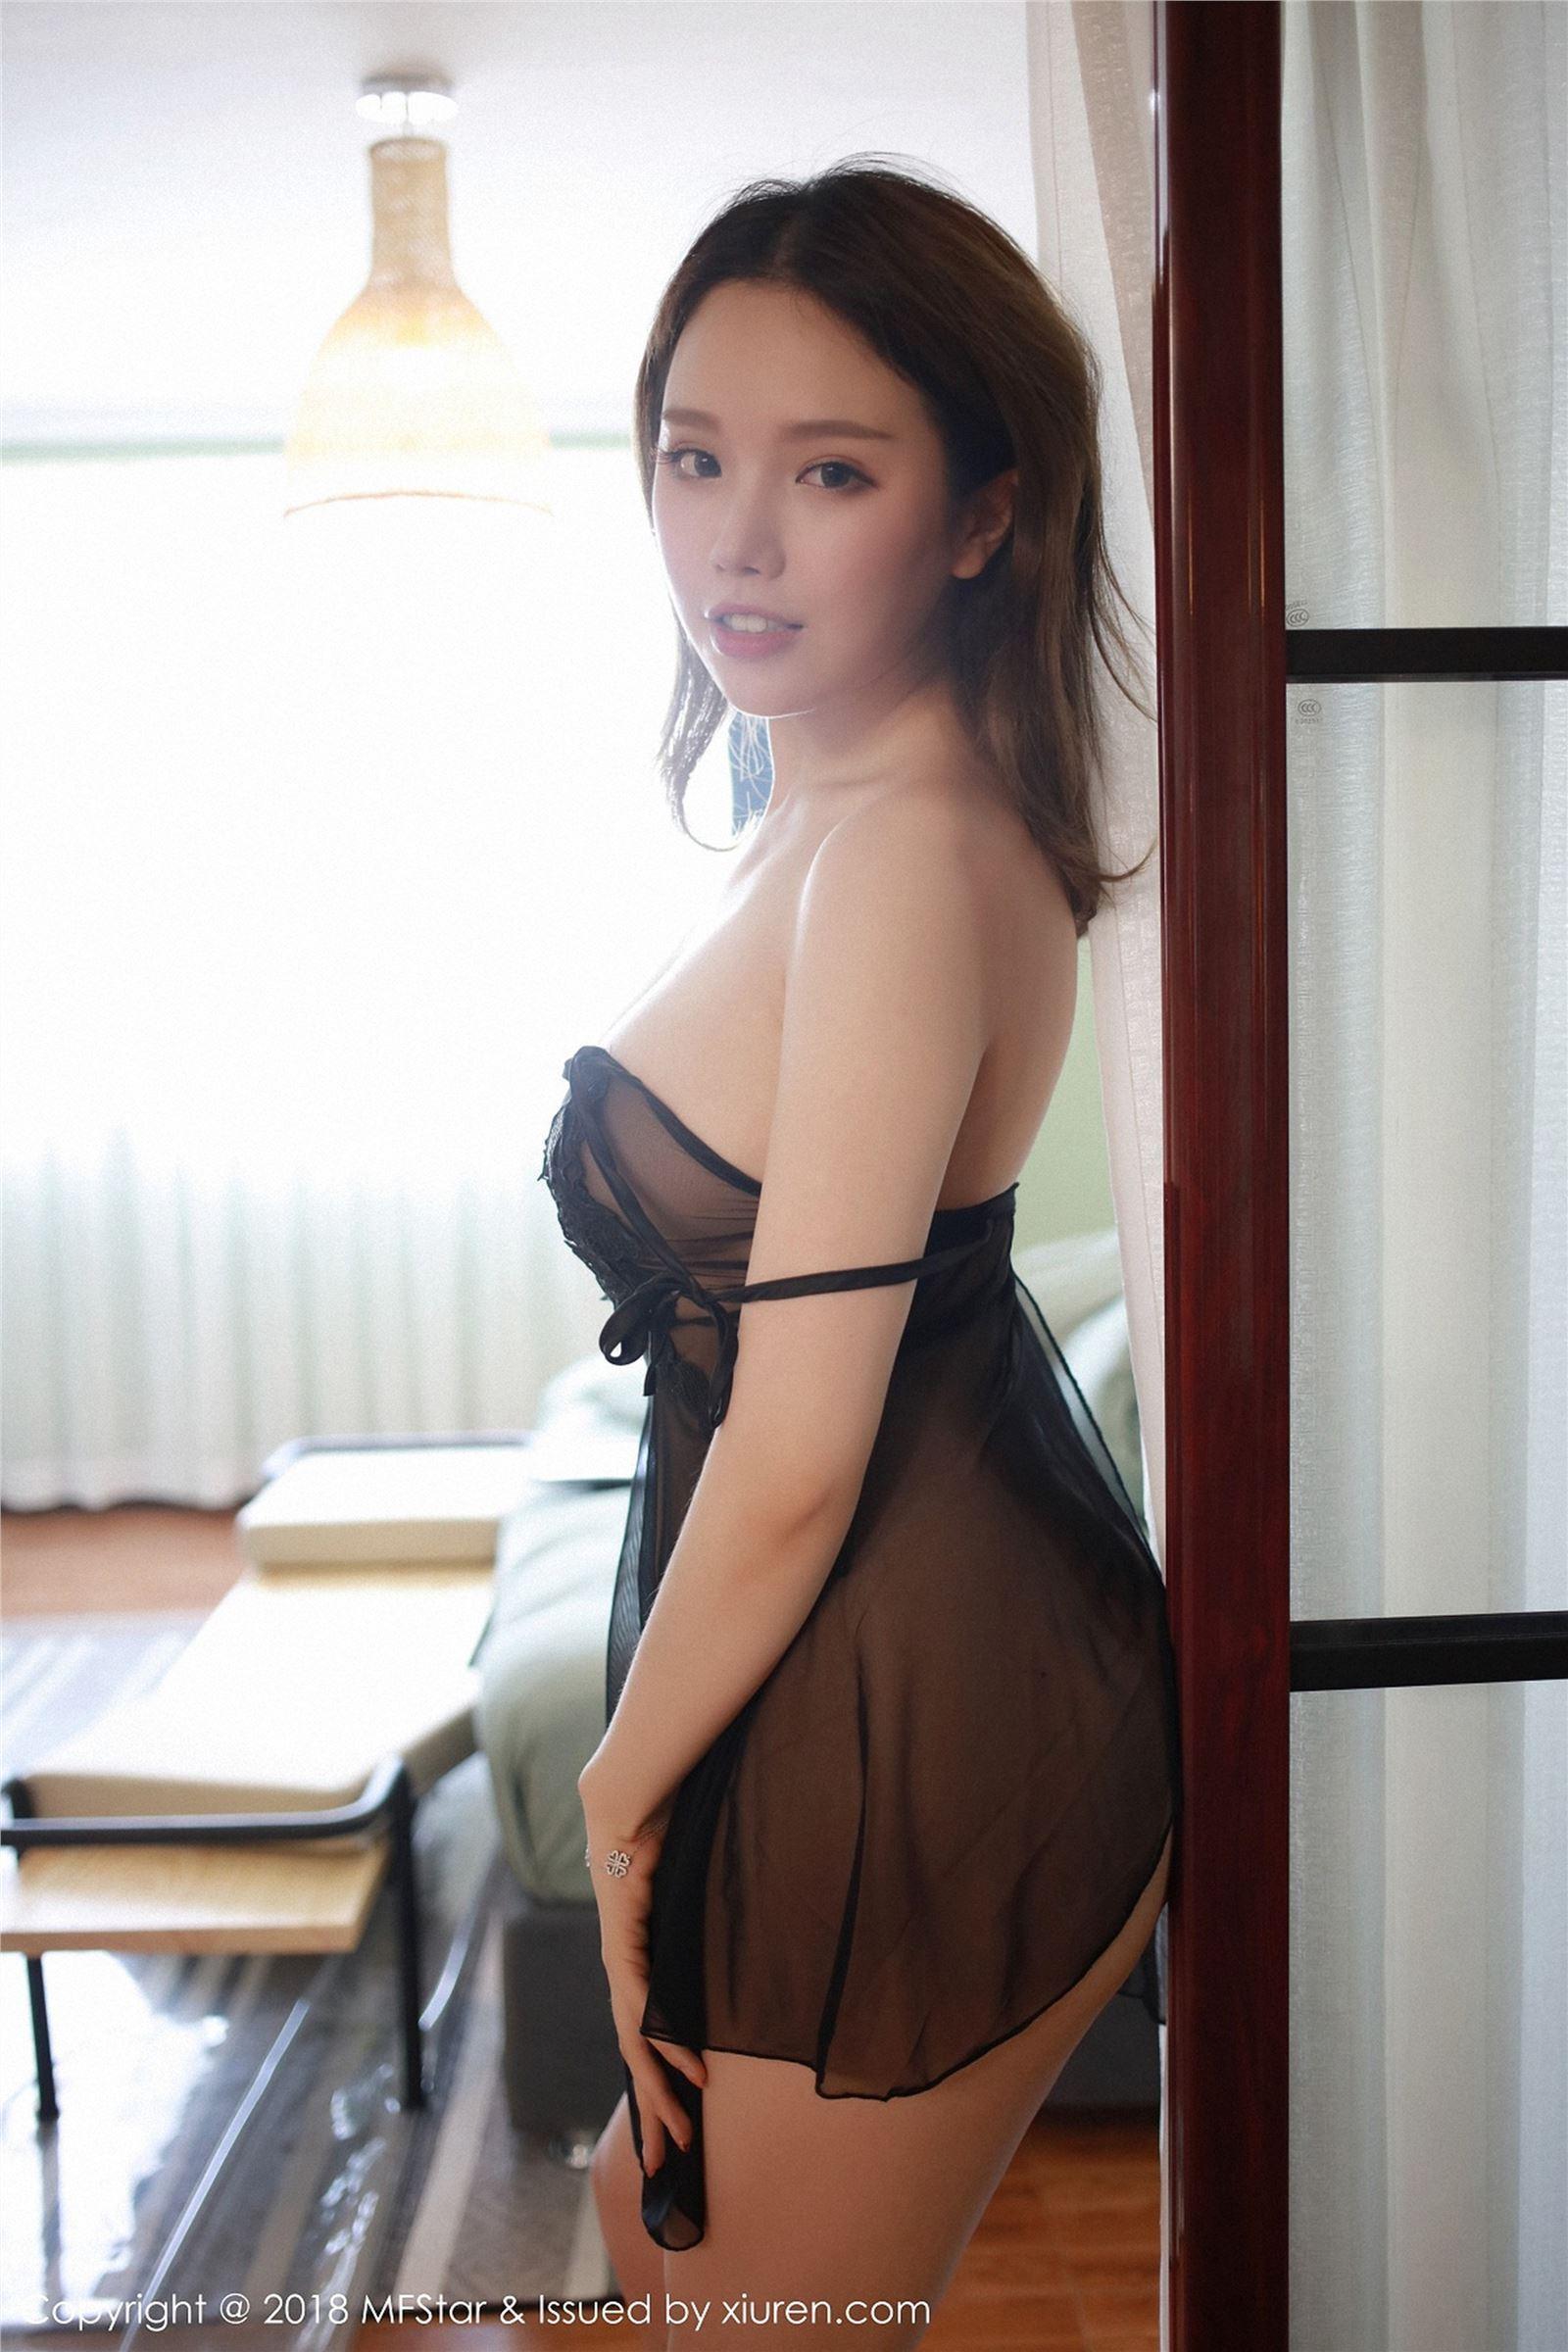 MFStar模范学院 2018.07.09 Vol.130 黄楽然